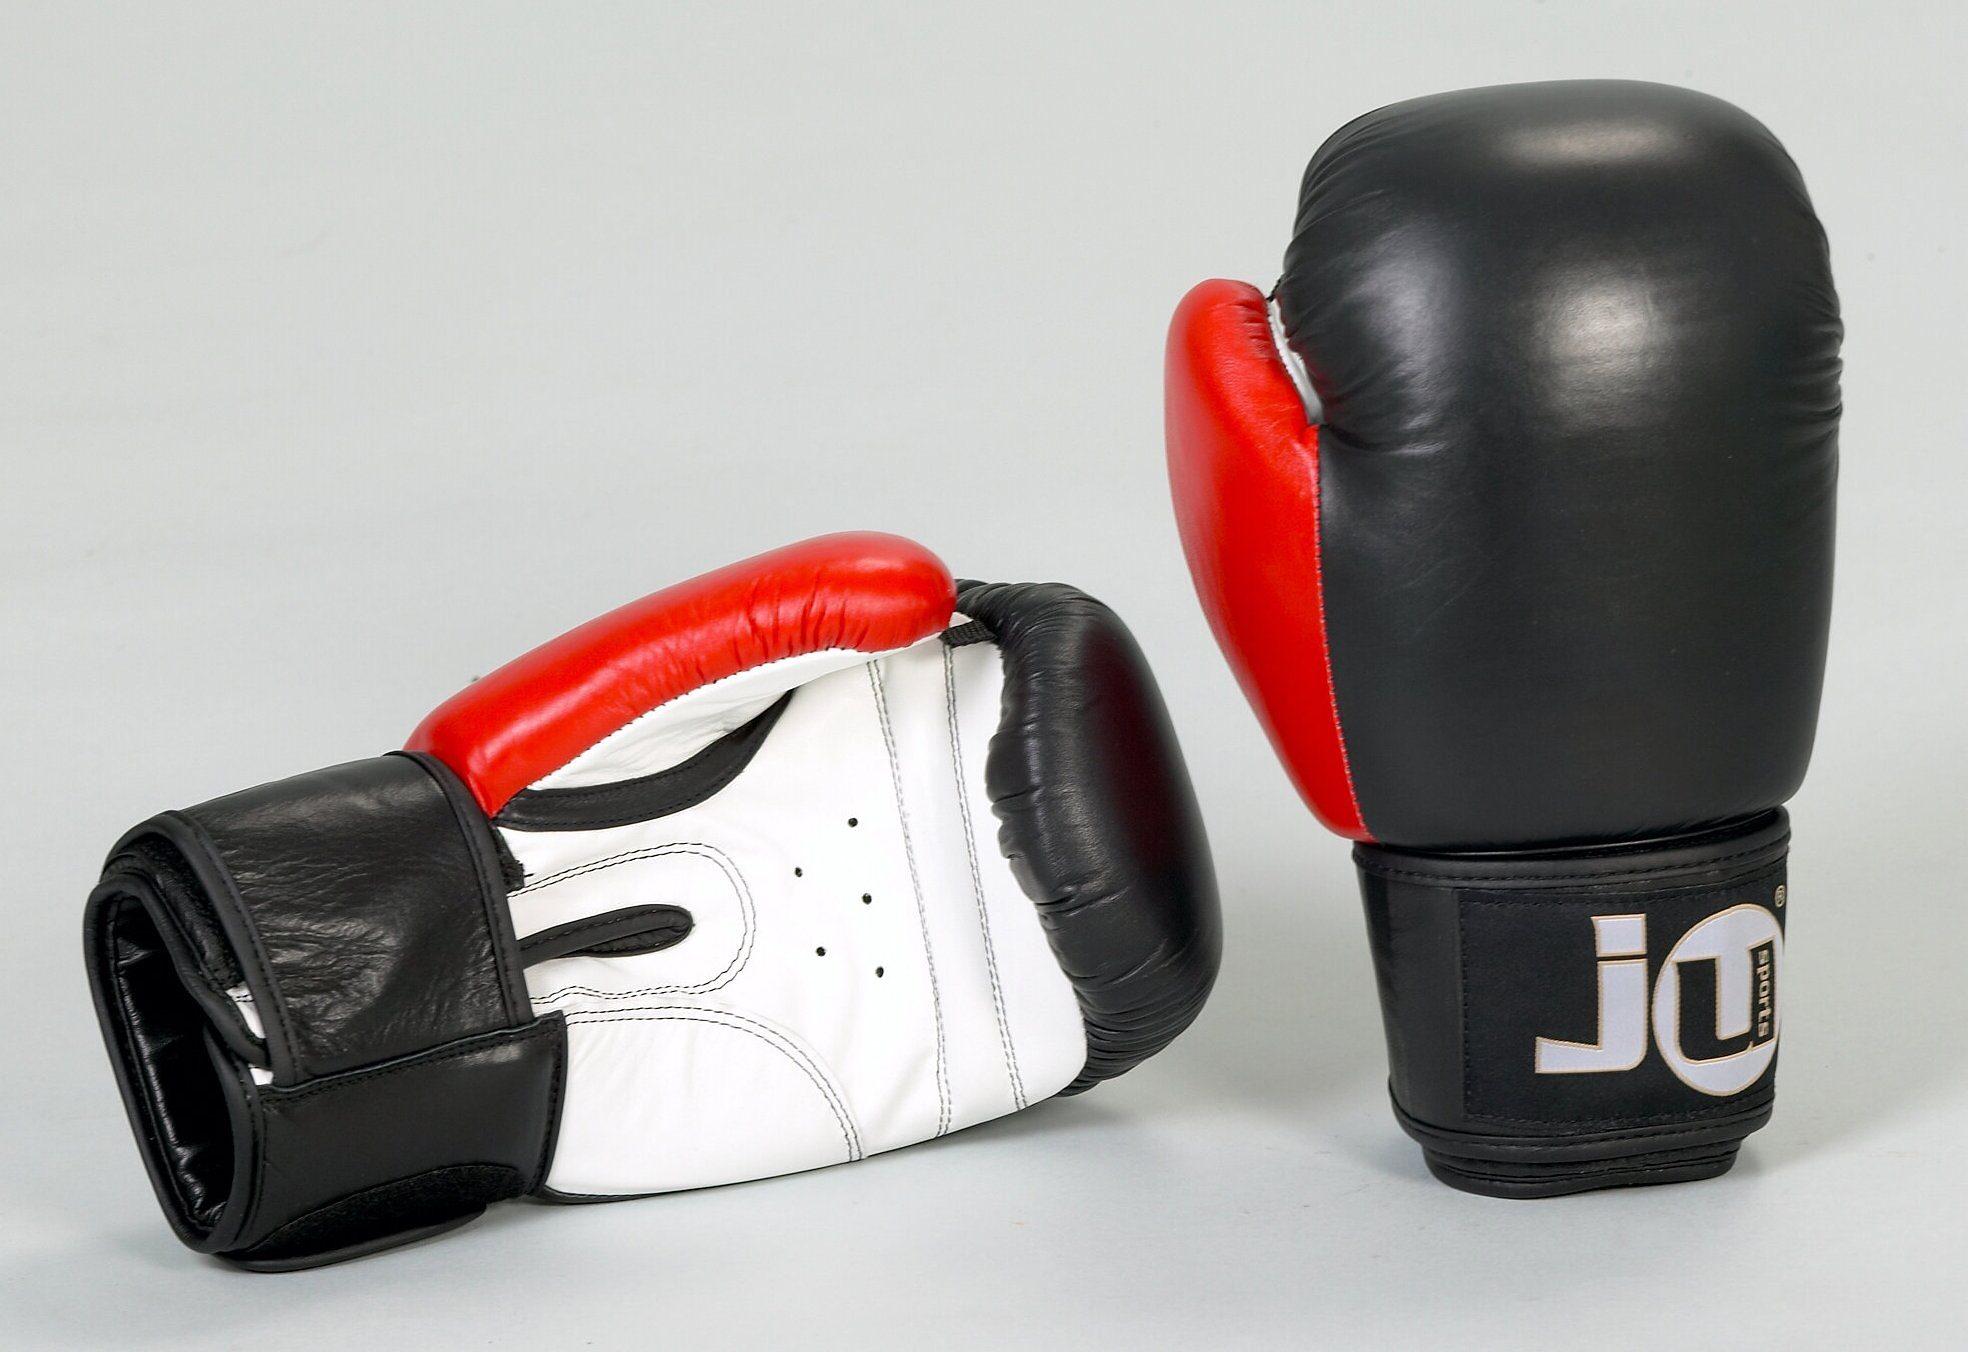 Erwachsenenboxhandschuhe, Ju-Sports, »Leder 12 oz« (1 Paar)